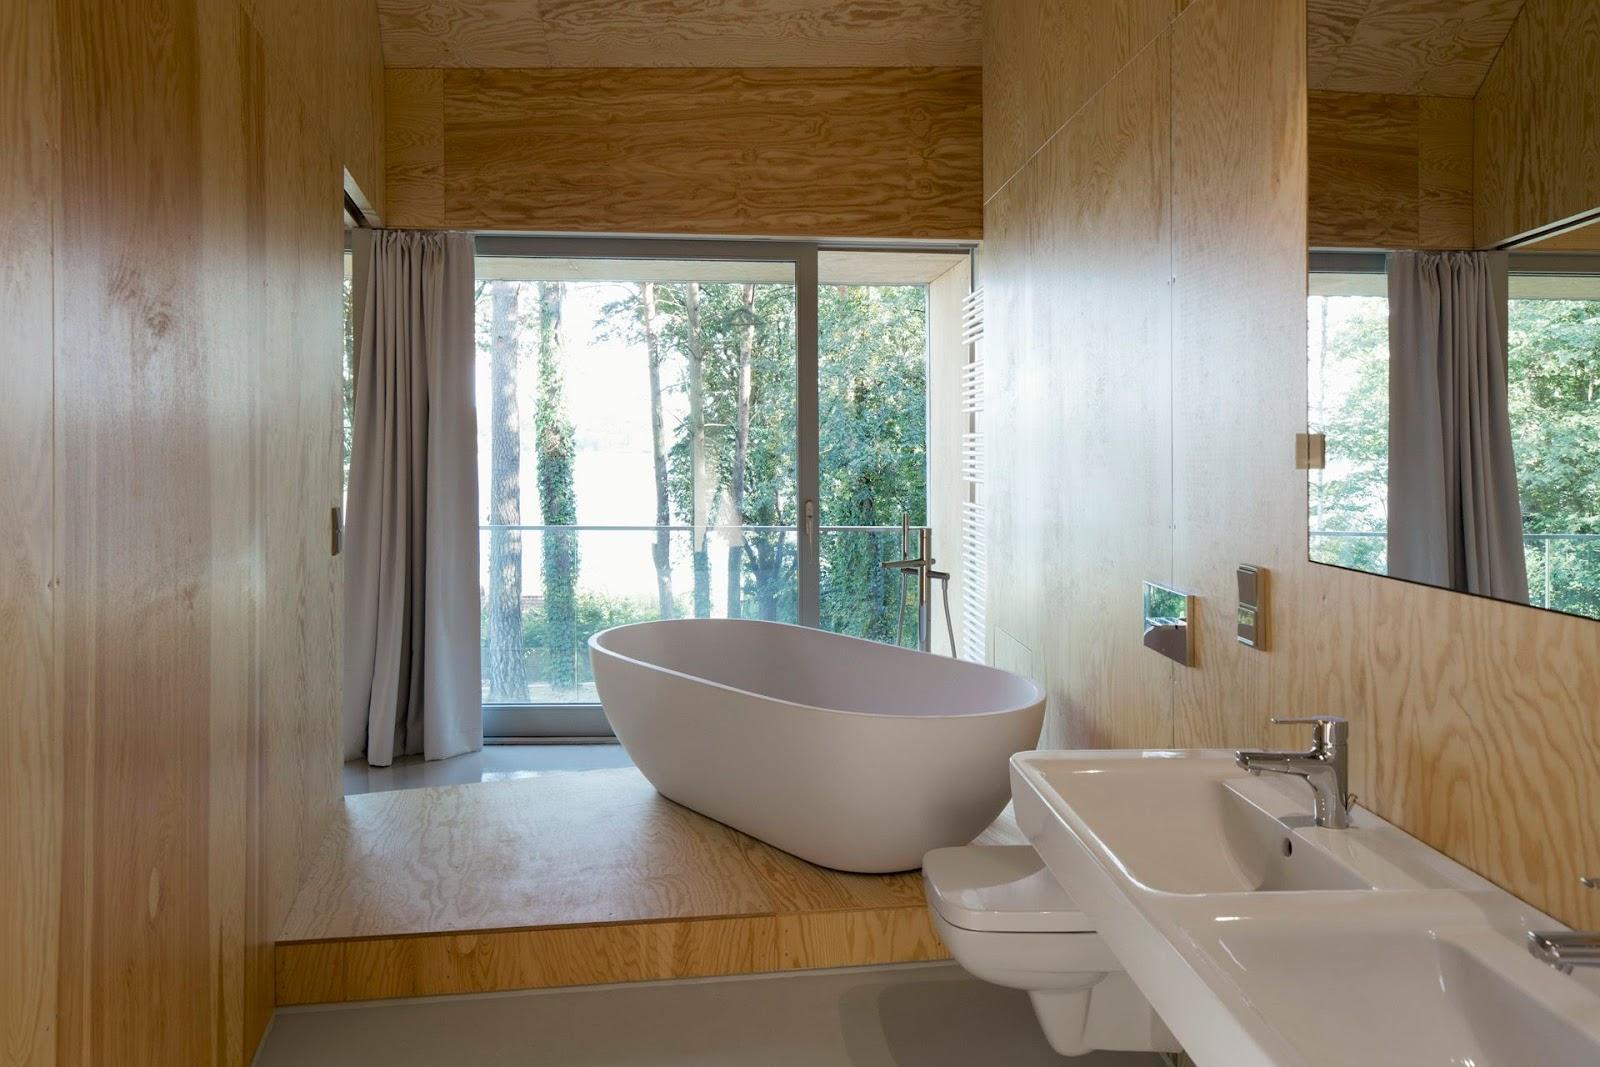 Beach_House-Augustin_Frank_Architekten-13.jpg